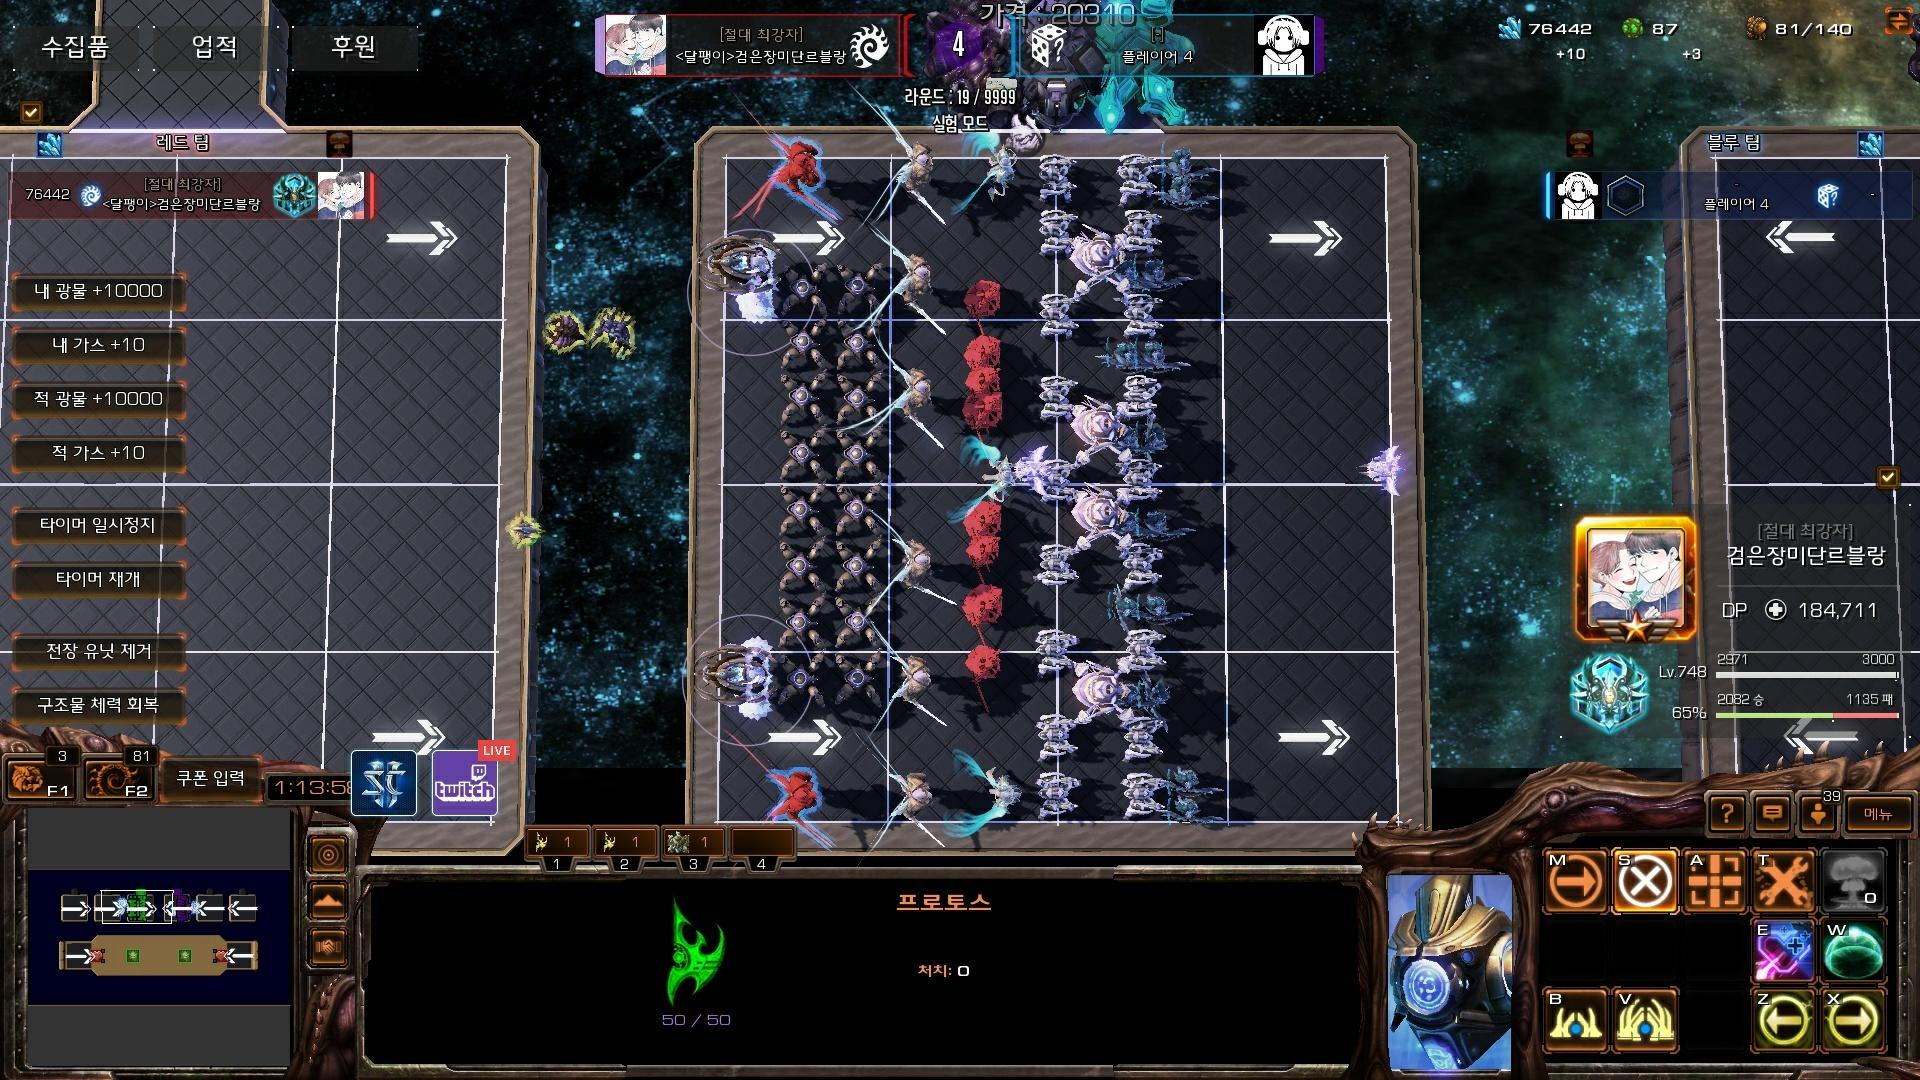 Screenshot2020-02-27 17_28_33.jpg